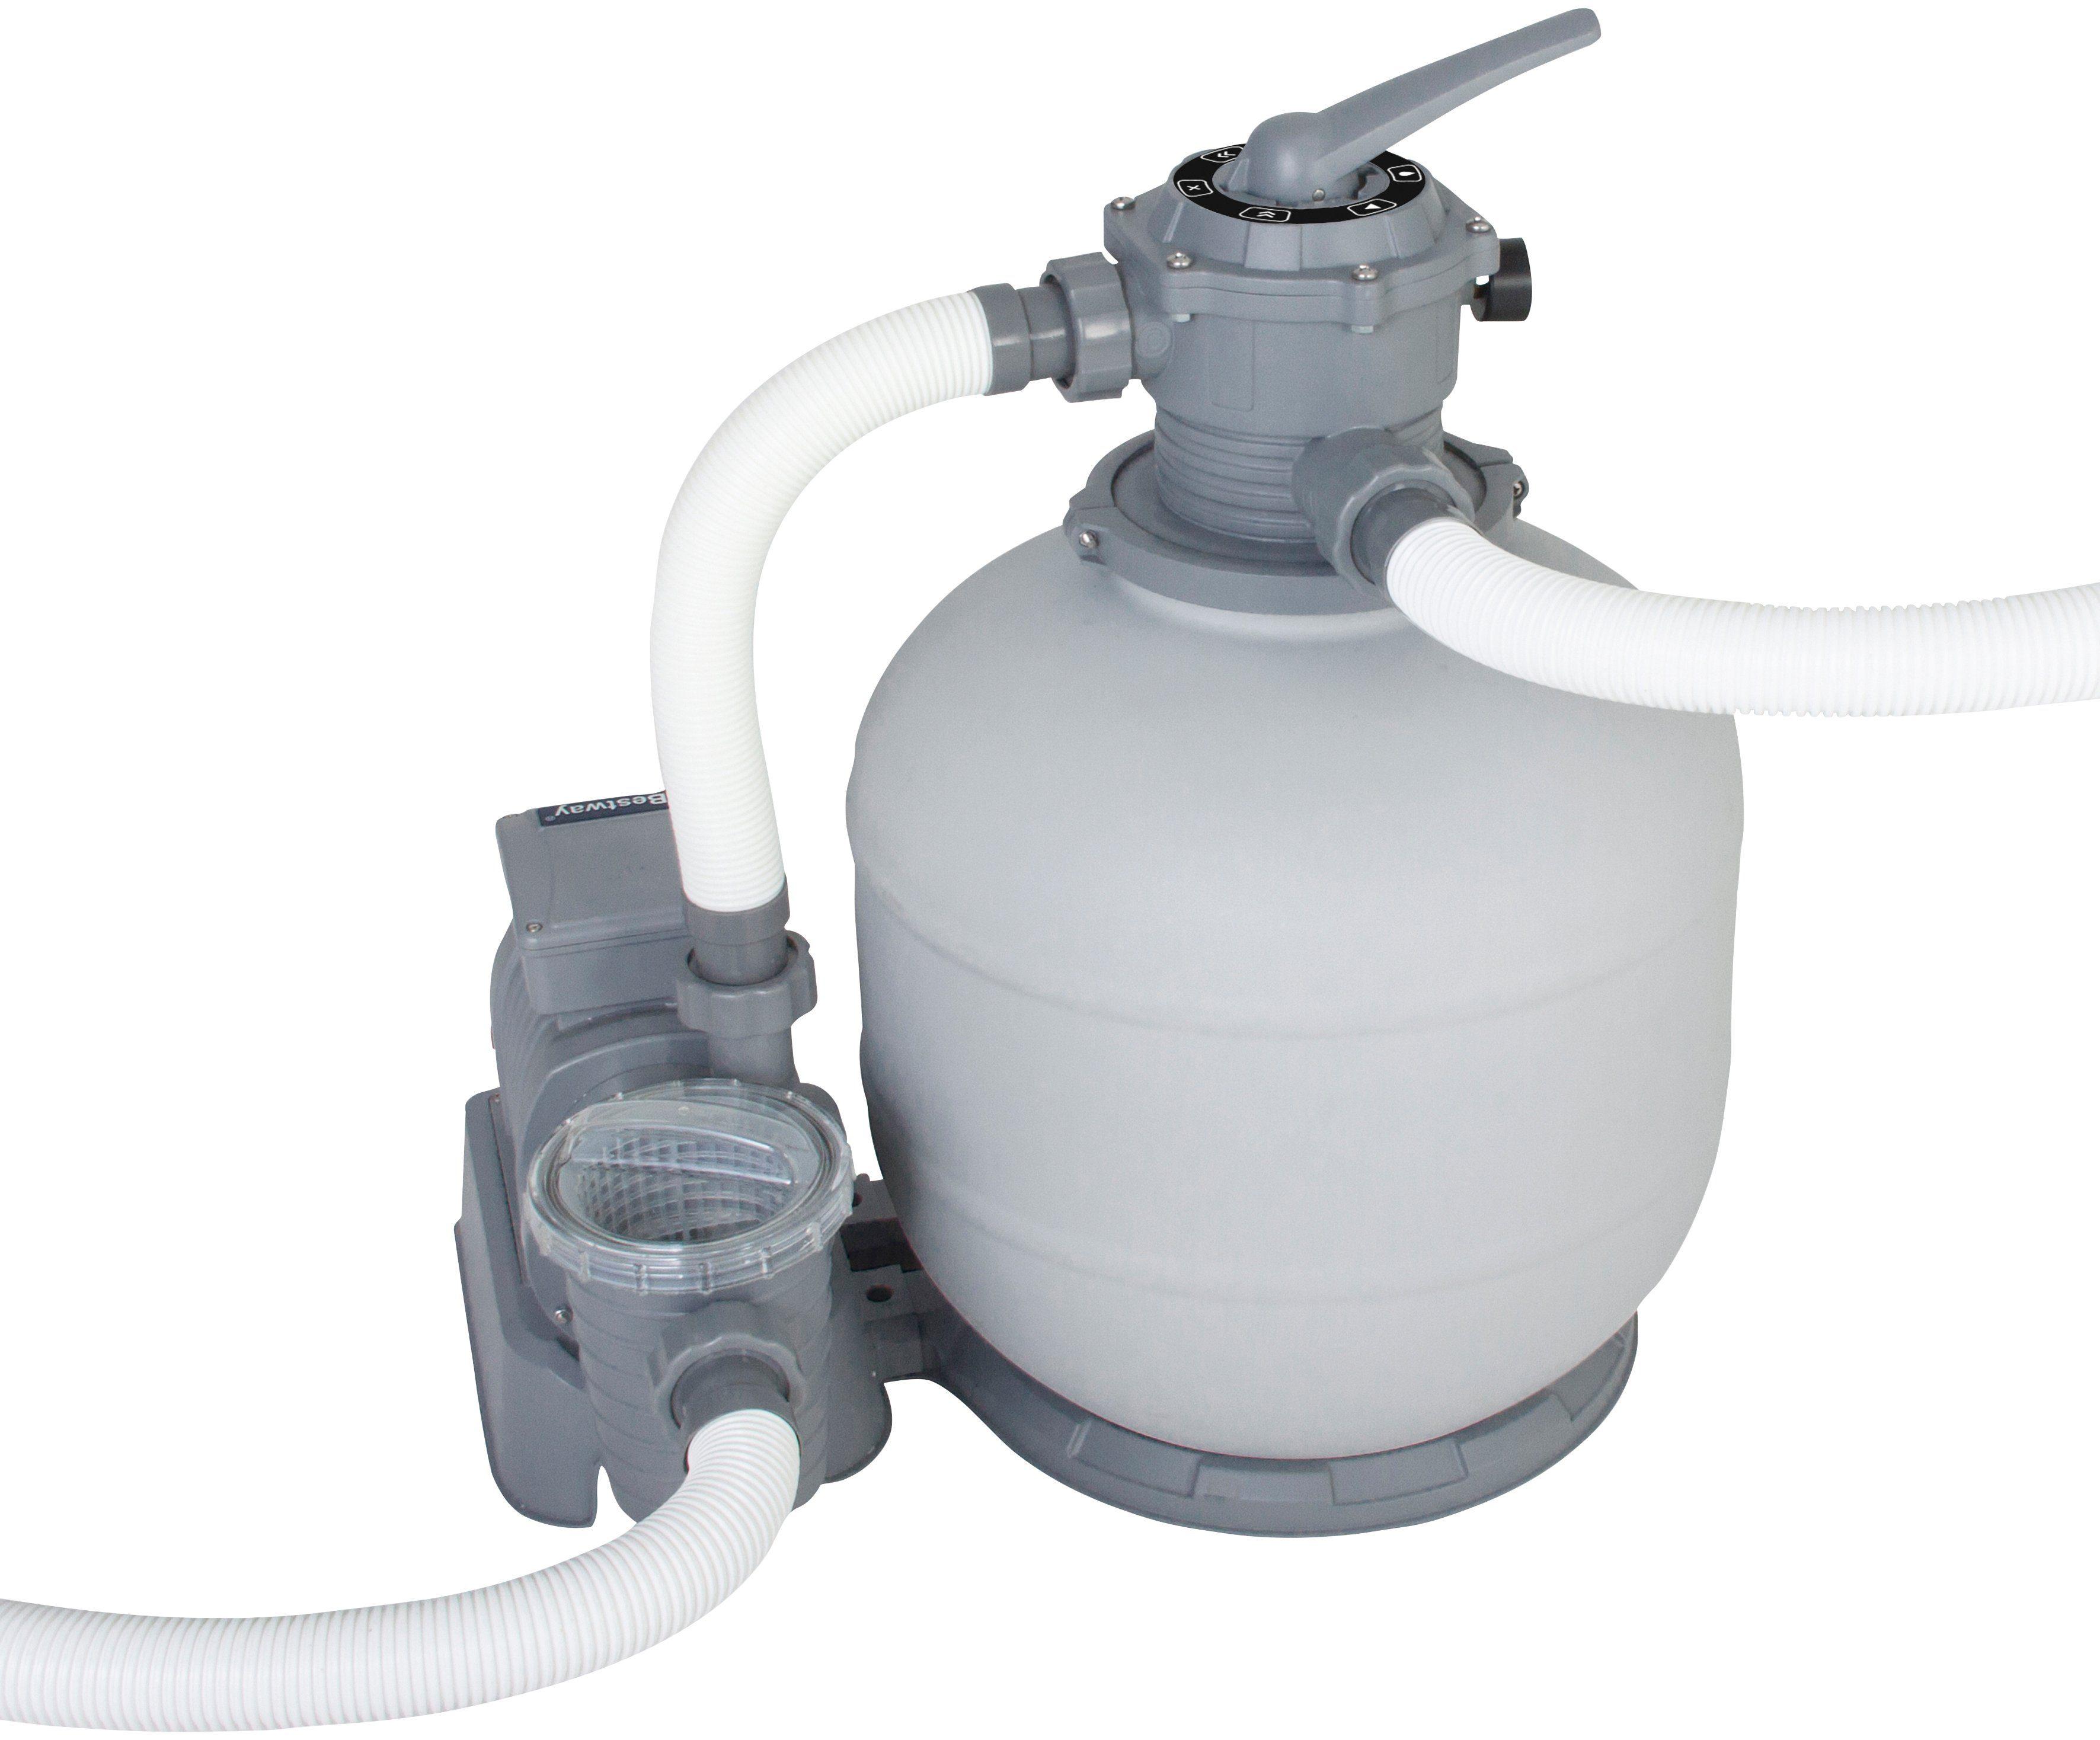 BESTWAY Sandfilteranlage »Flowclear™«, Filterleistung ca. 7.571 Liter pro Stunde